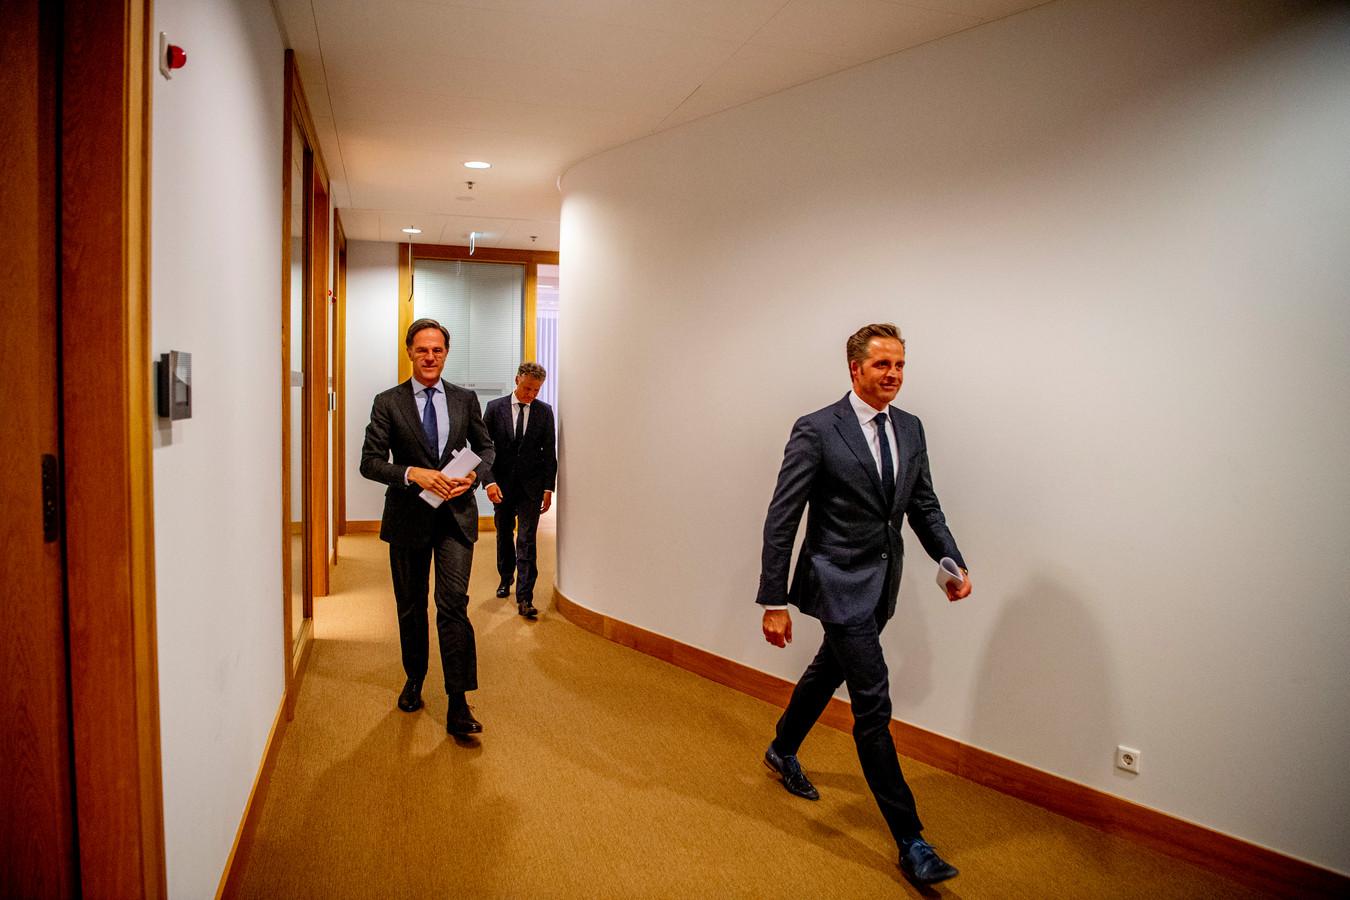 Demissionair premier Mark Rutte en demissionair minister Hugo de Jonge (Volksgezondheid, Welzijn en Sport) geven een toelichting op de coronamaatregelen in Nederland.